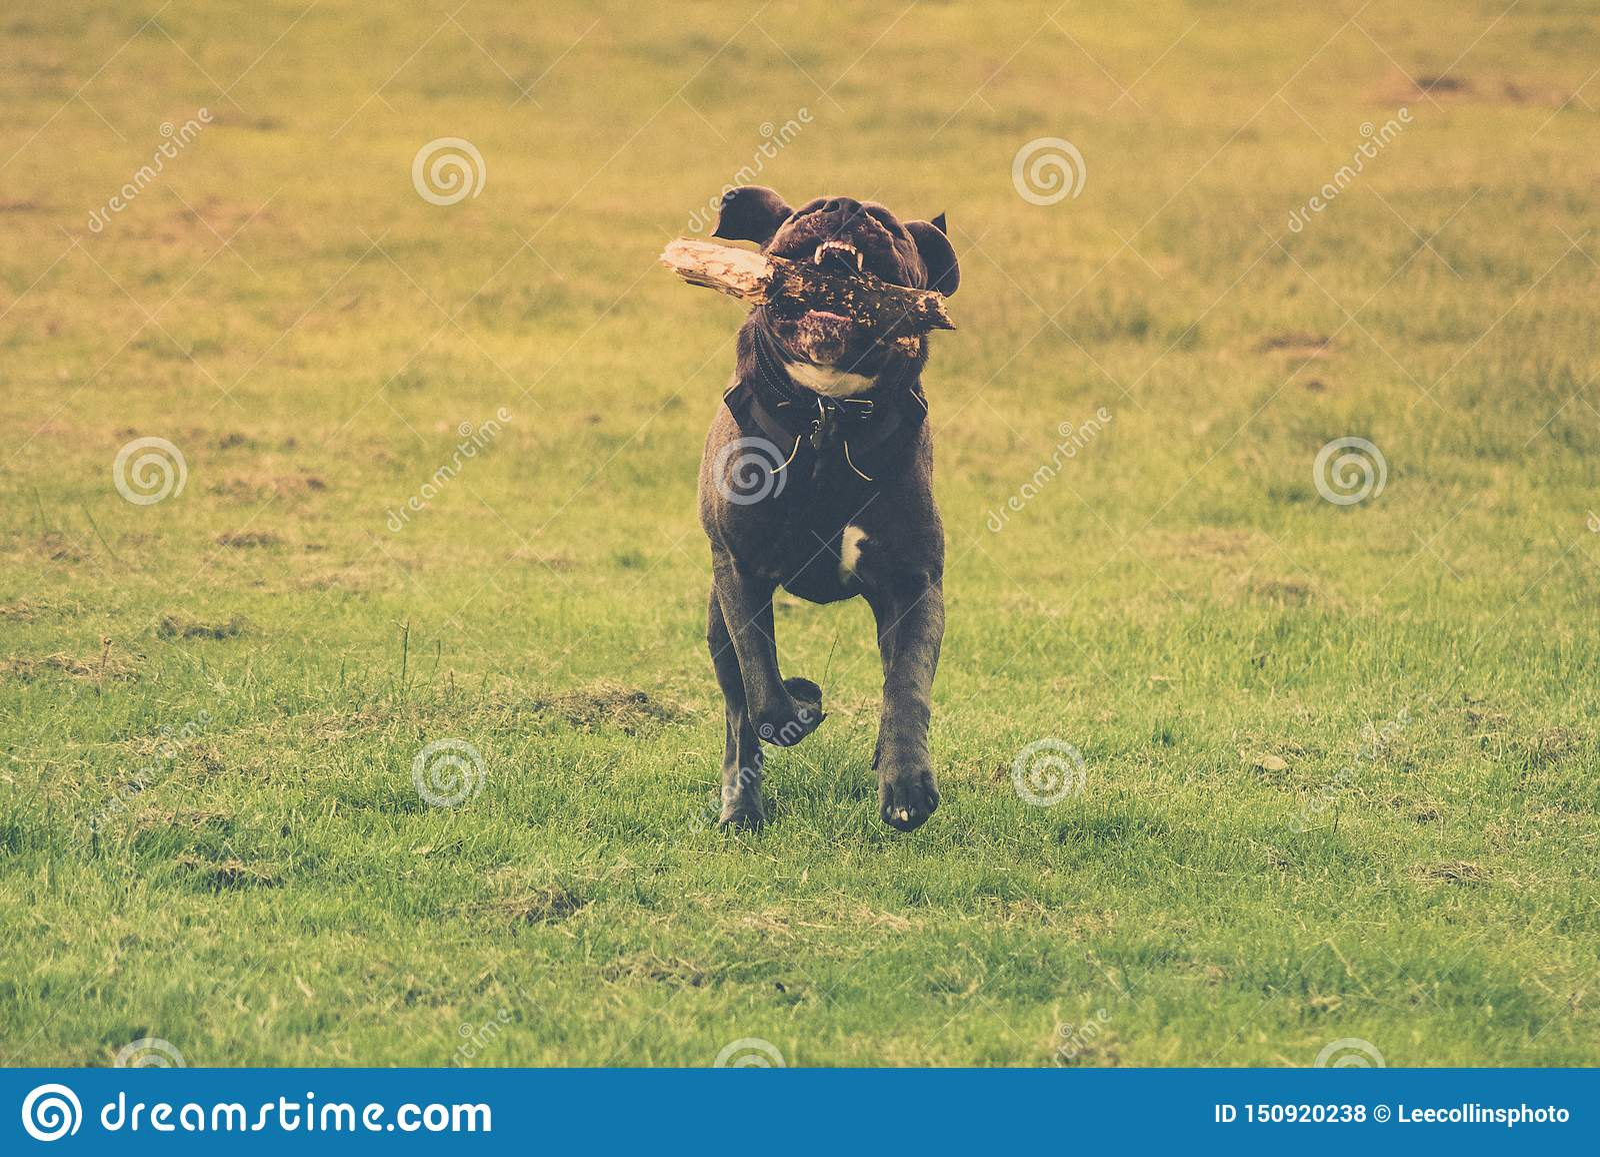 Cão que corre com uma vara em sua boca Fundo verde